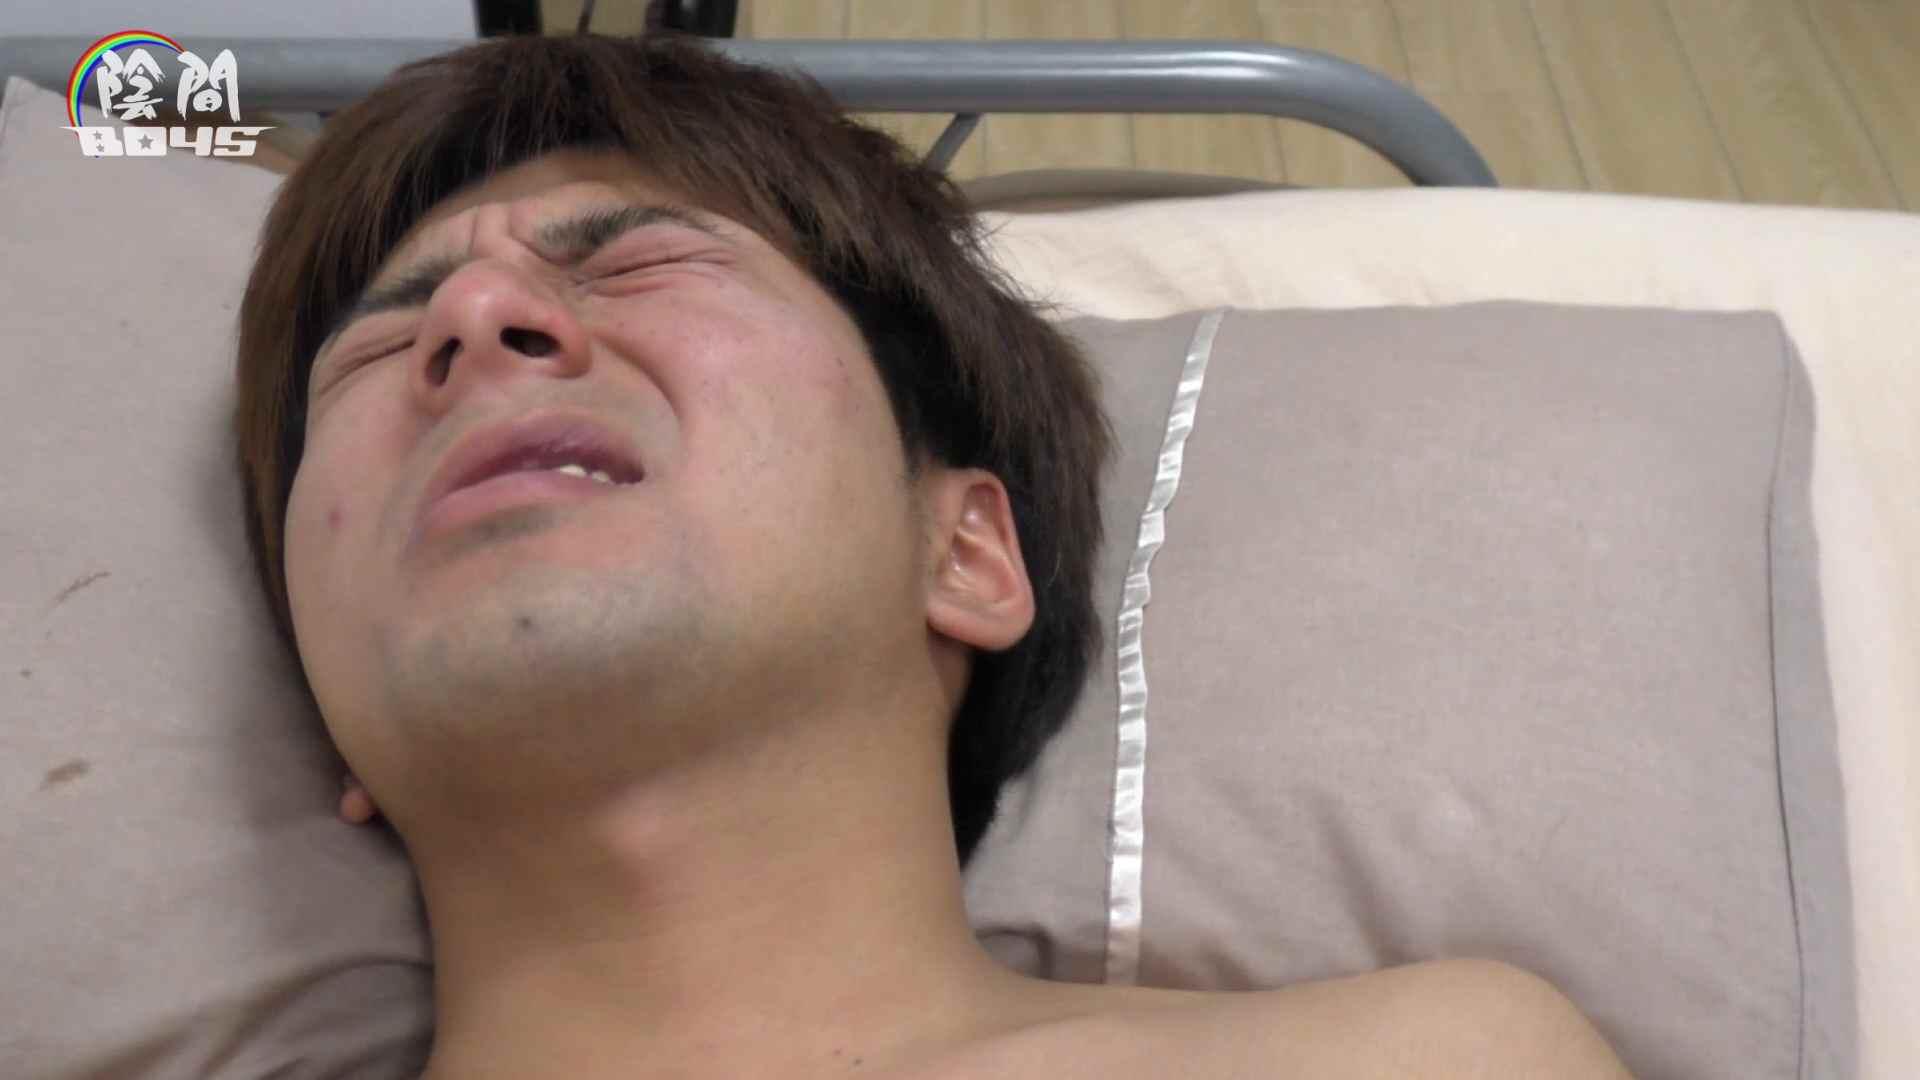 アナルは決して眠らない No.06 オナニー専門男子 ゲイエロビデオ画像 85画像 82